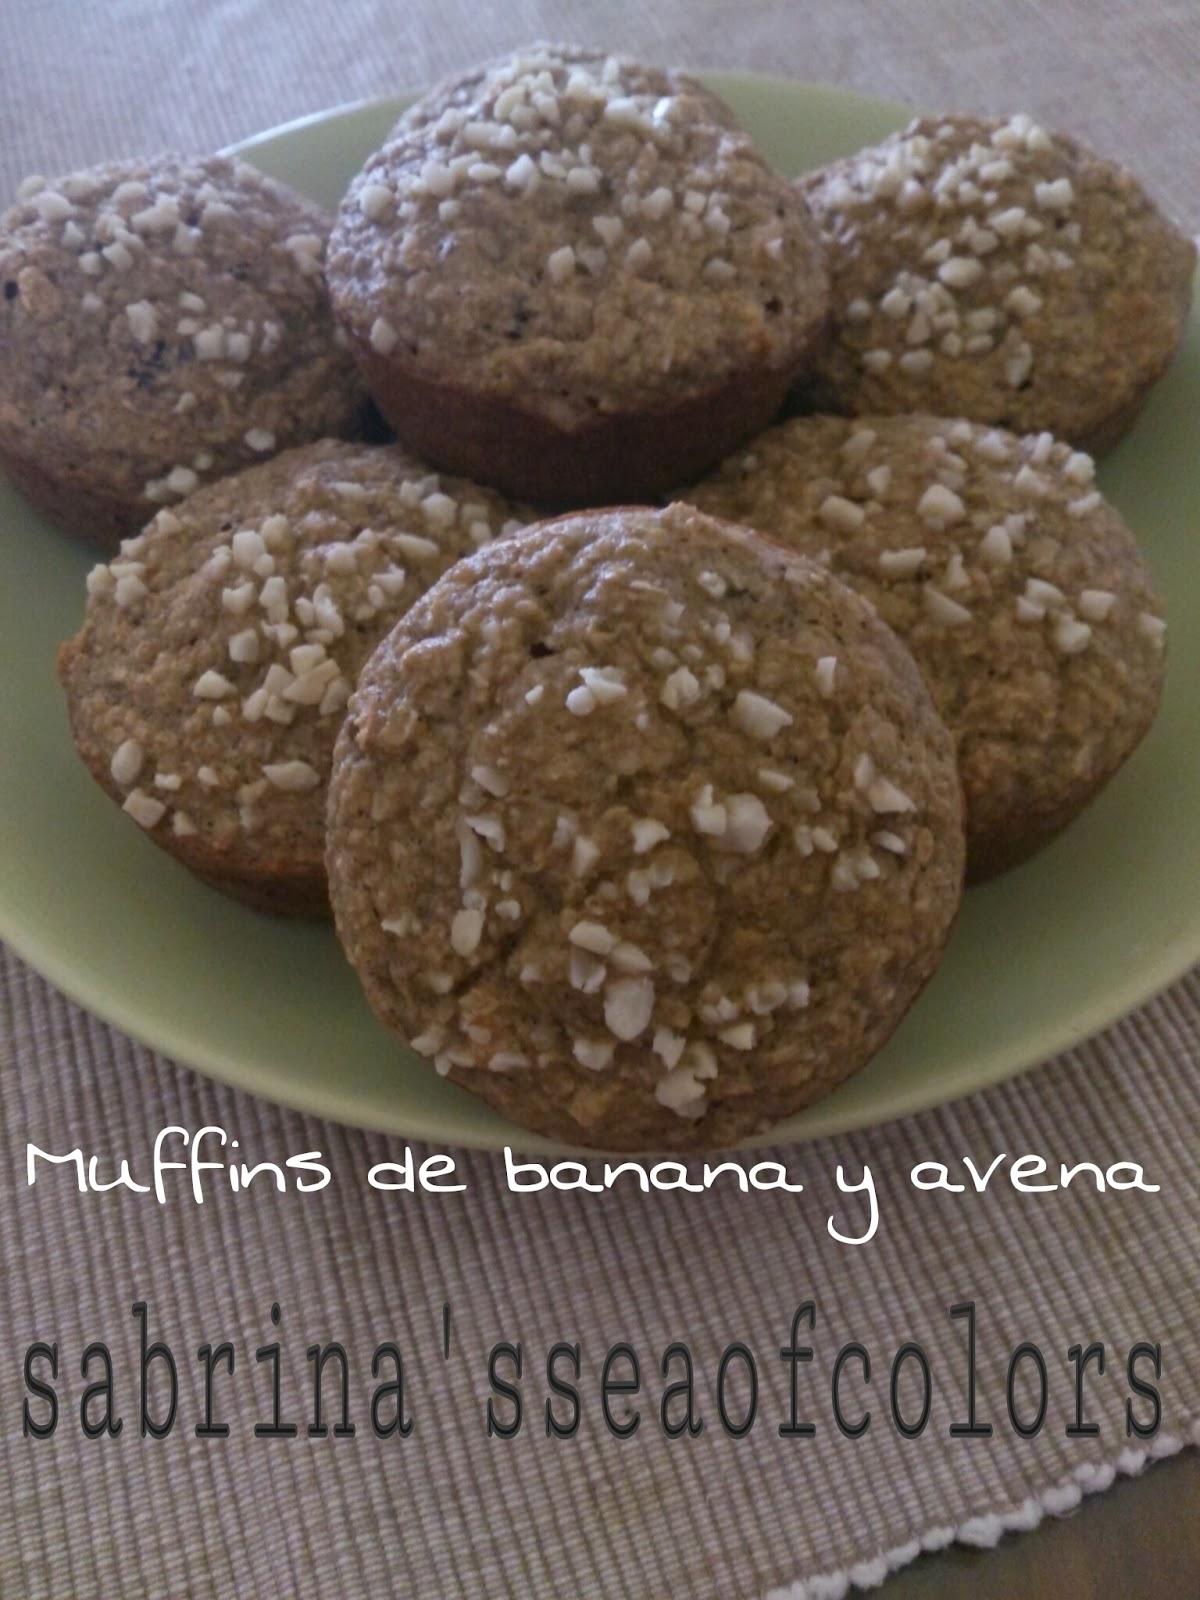 muffins_de_banana_y_avena